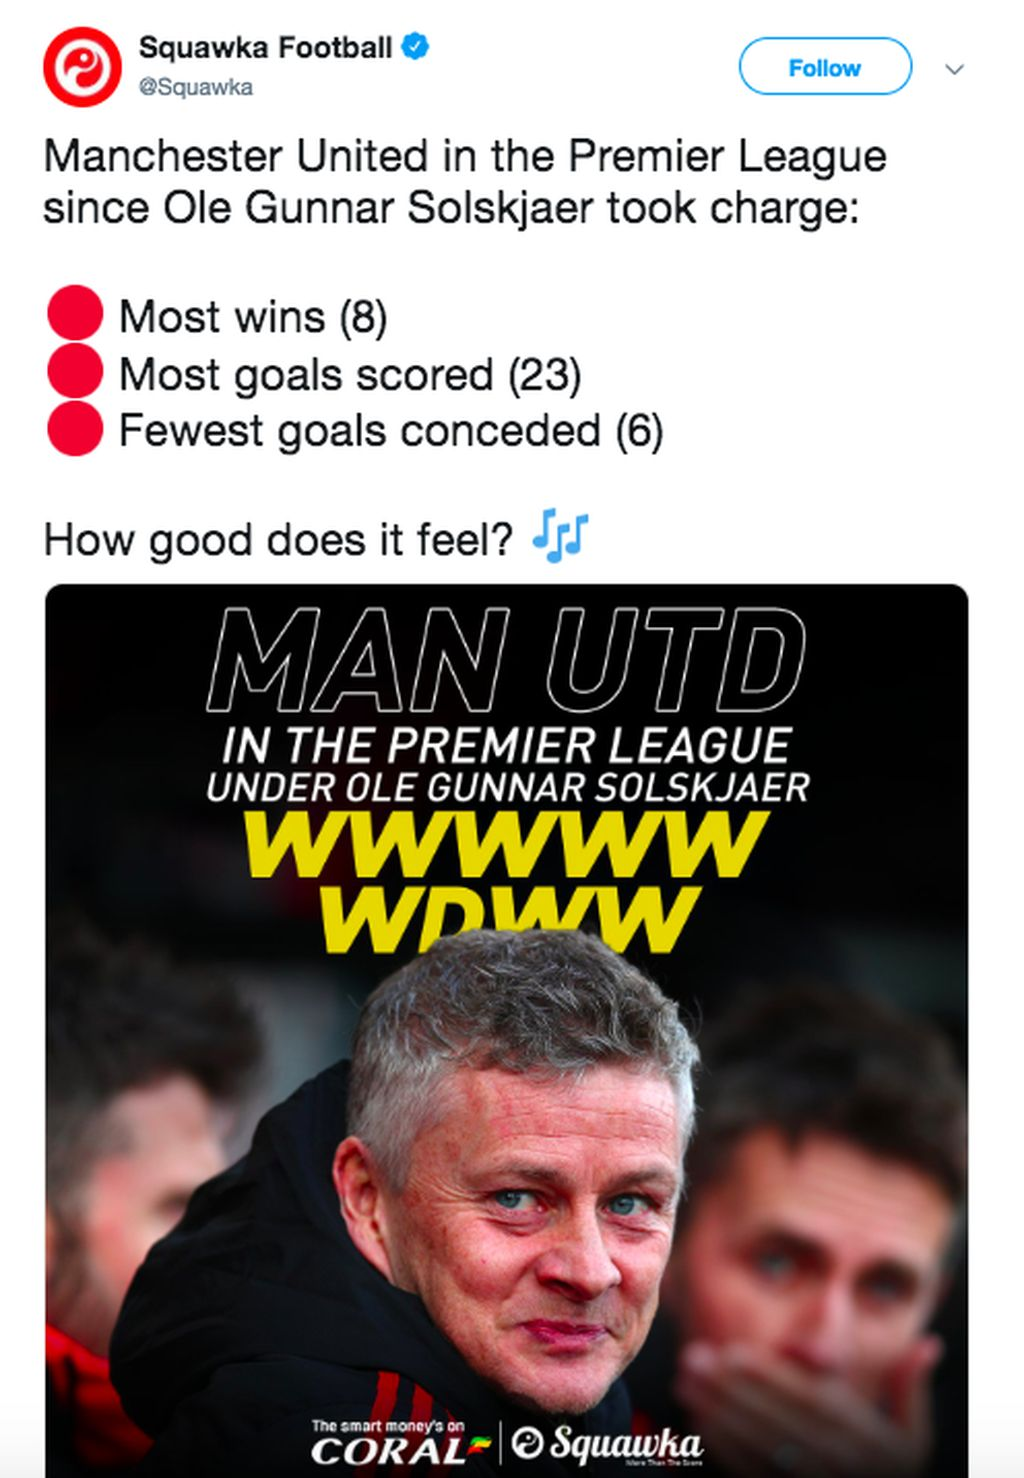 Manchester United menjadi tim dengan performa terbaik di Liga Inggris sejak dilatih Ole Gunnar Solskjaer. Foto: istimewa